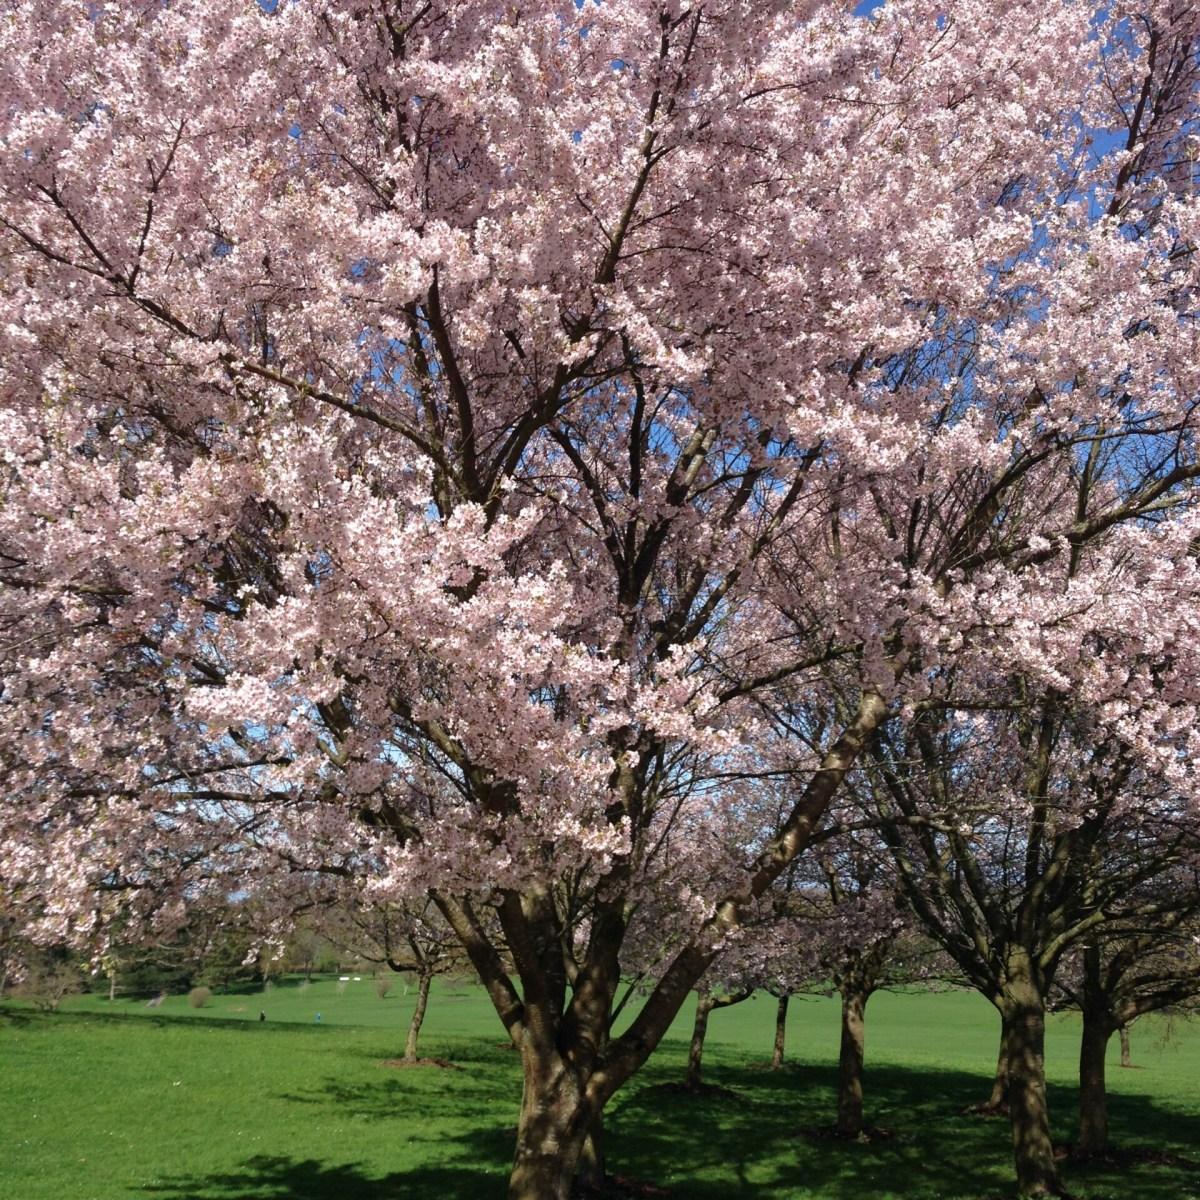 Sakura - se her hvornår kirsebærtræerne blomstrer i Kyoto